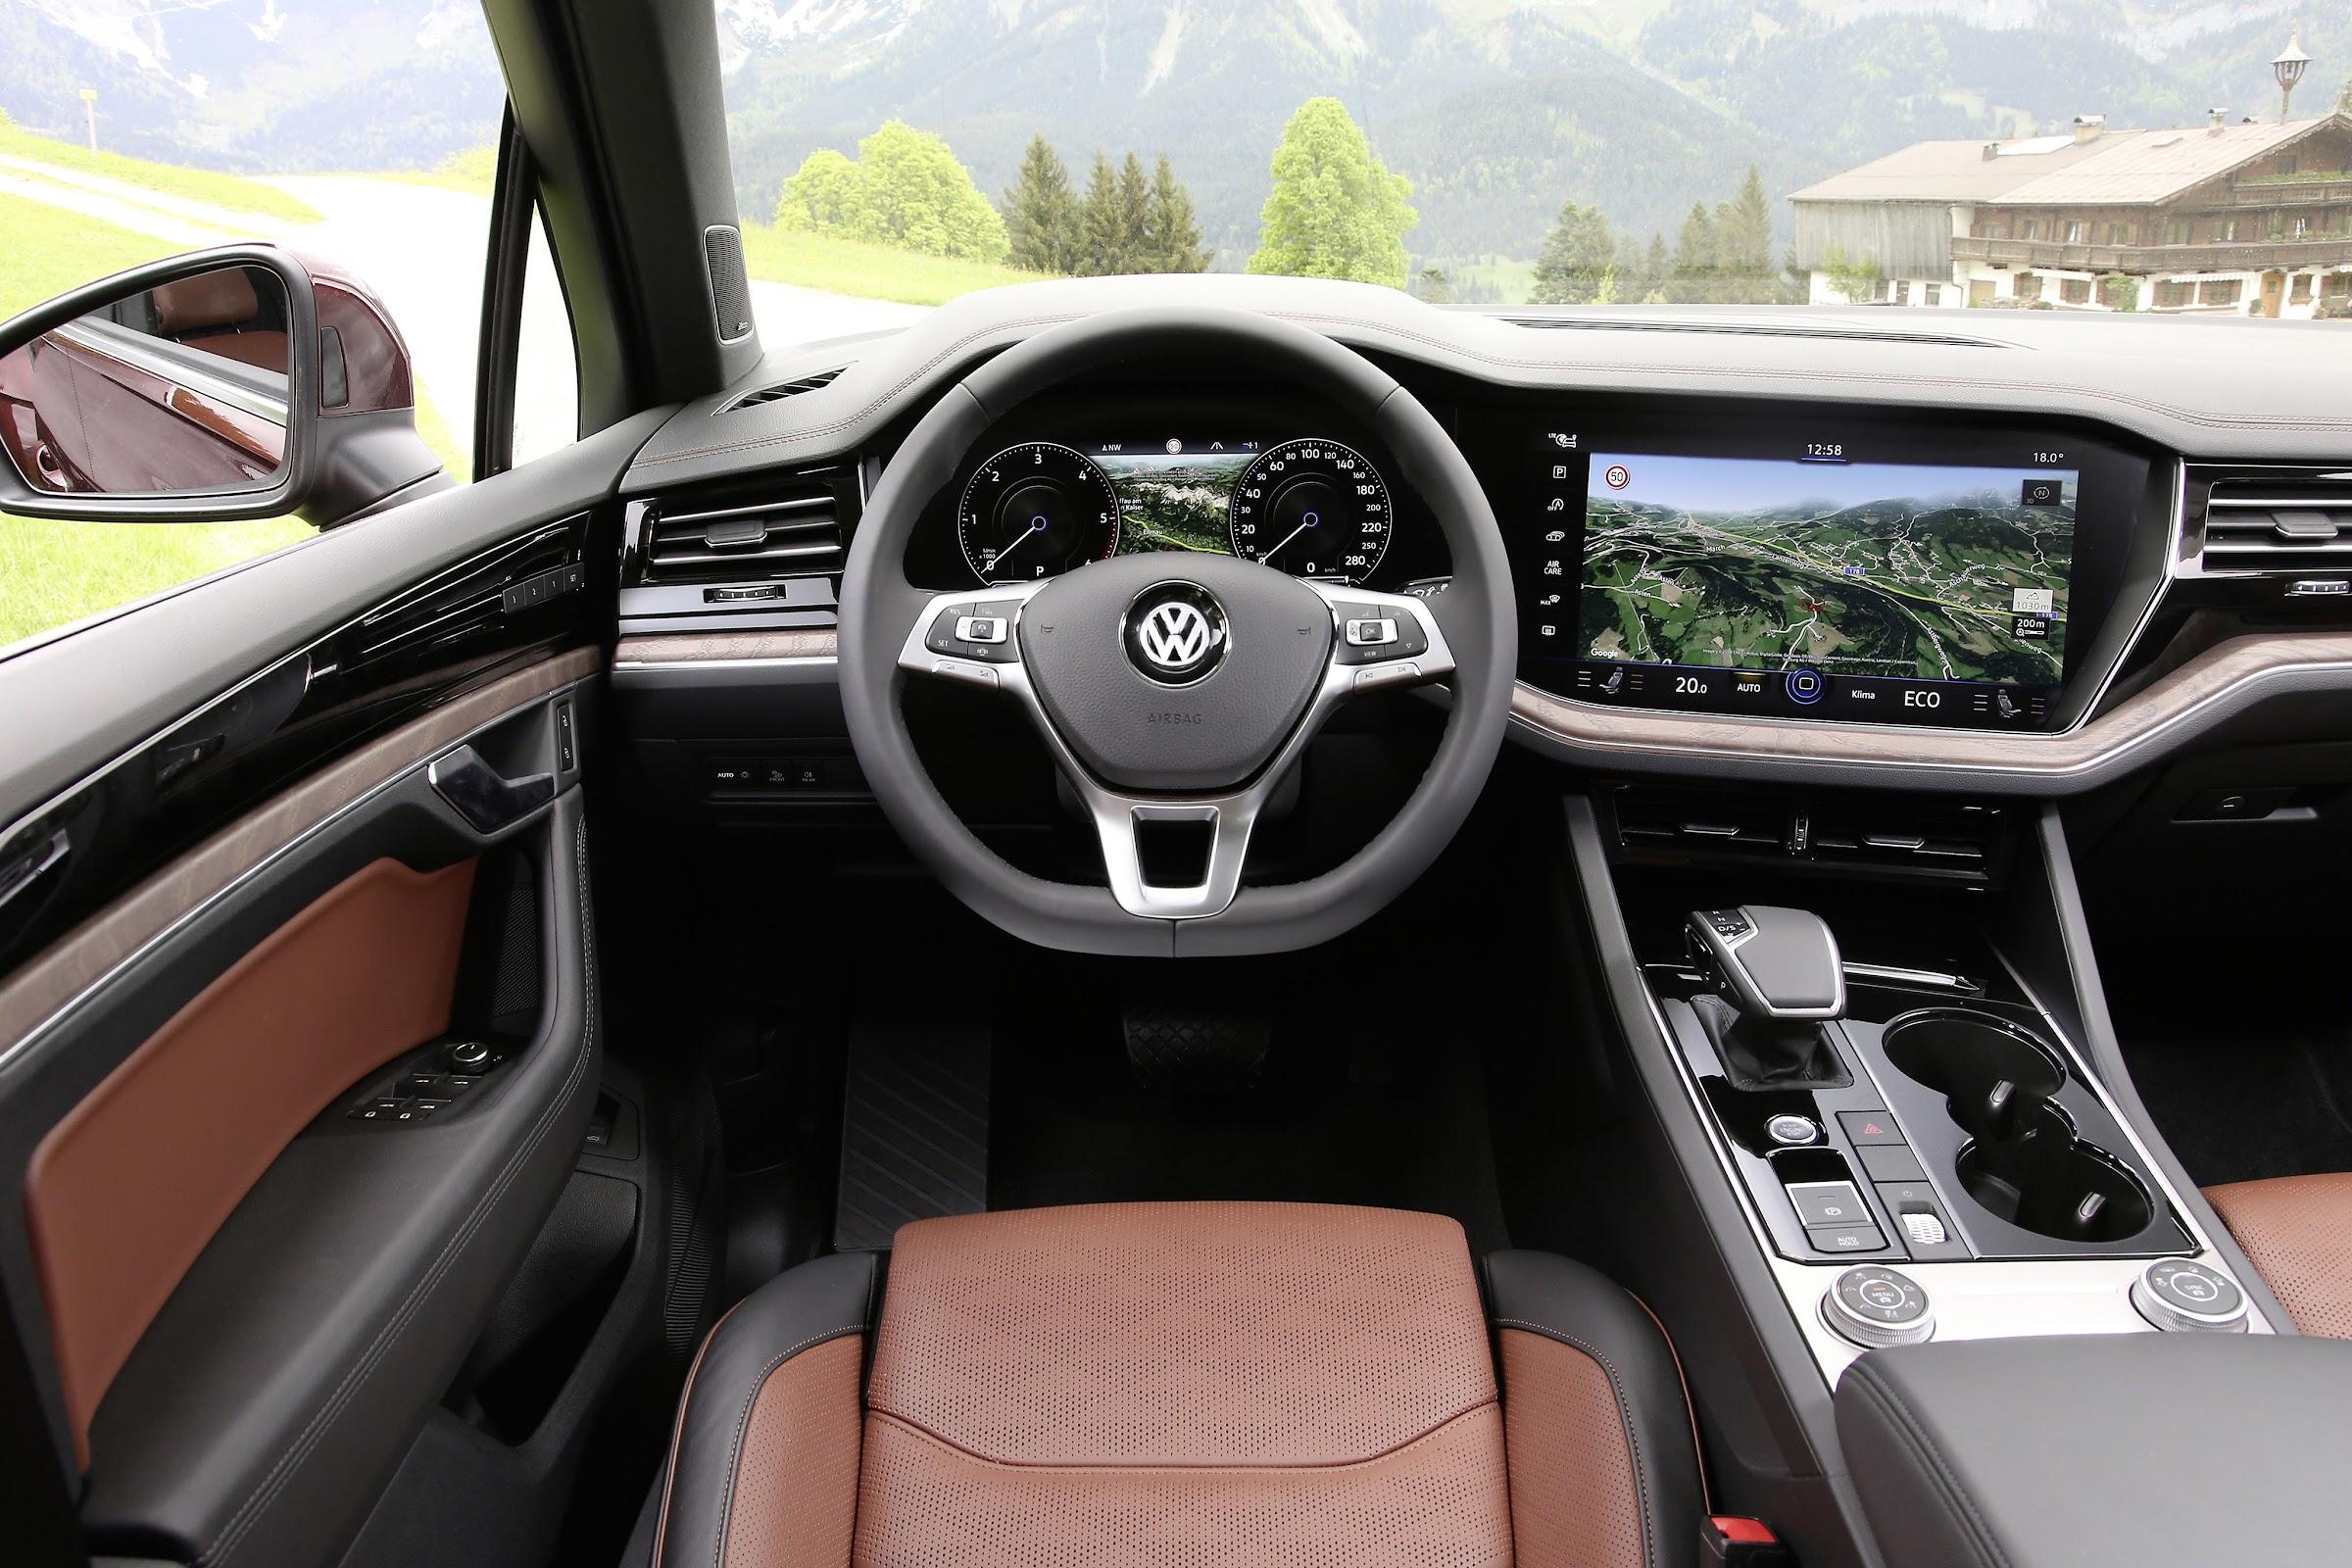 q 8dJngCpqSFkpHBaCDpadRcs4FDtH3j5HIlrmxK ZM vIIV UMzZj3Kk7wMaeBqRHqnKzyR7IlpG5qPPowqC5dQjniJYQwrNhFFita0FqrnKtaqrgkWTiKhEIcBTH5zdVT W1MwpA=w2400 - El nuevo Volkswagen Touareg desde 65.000 euros